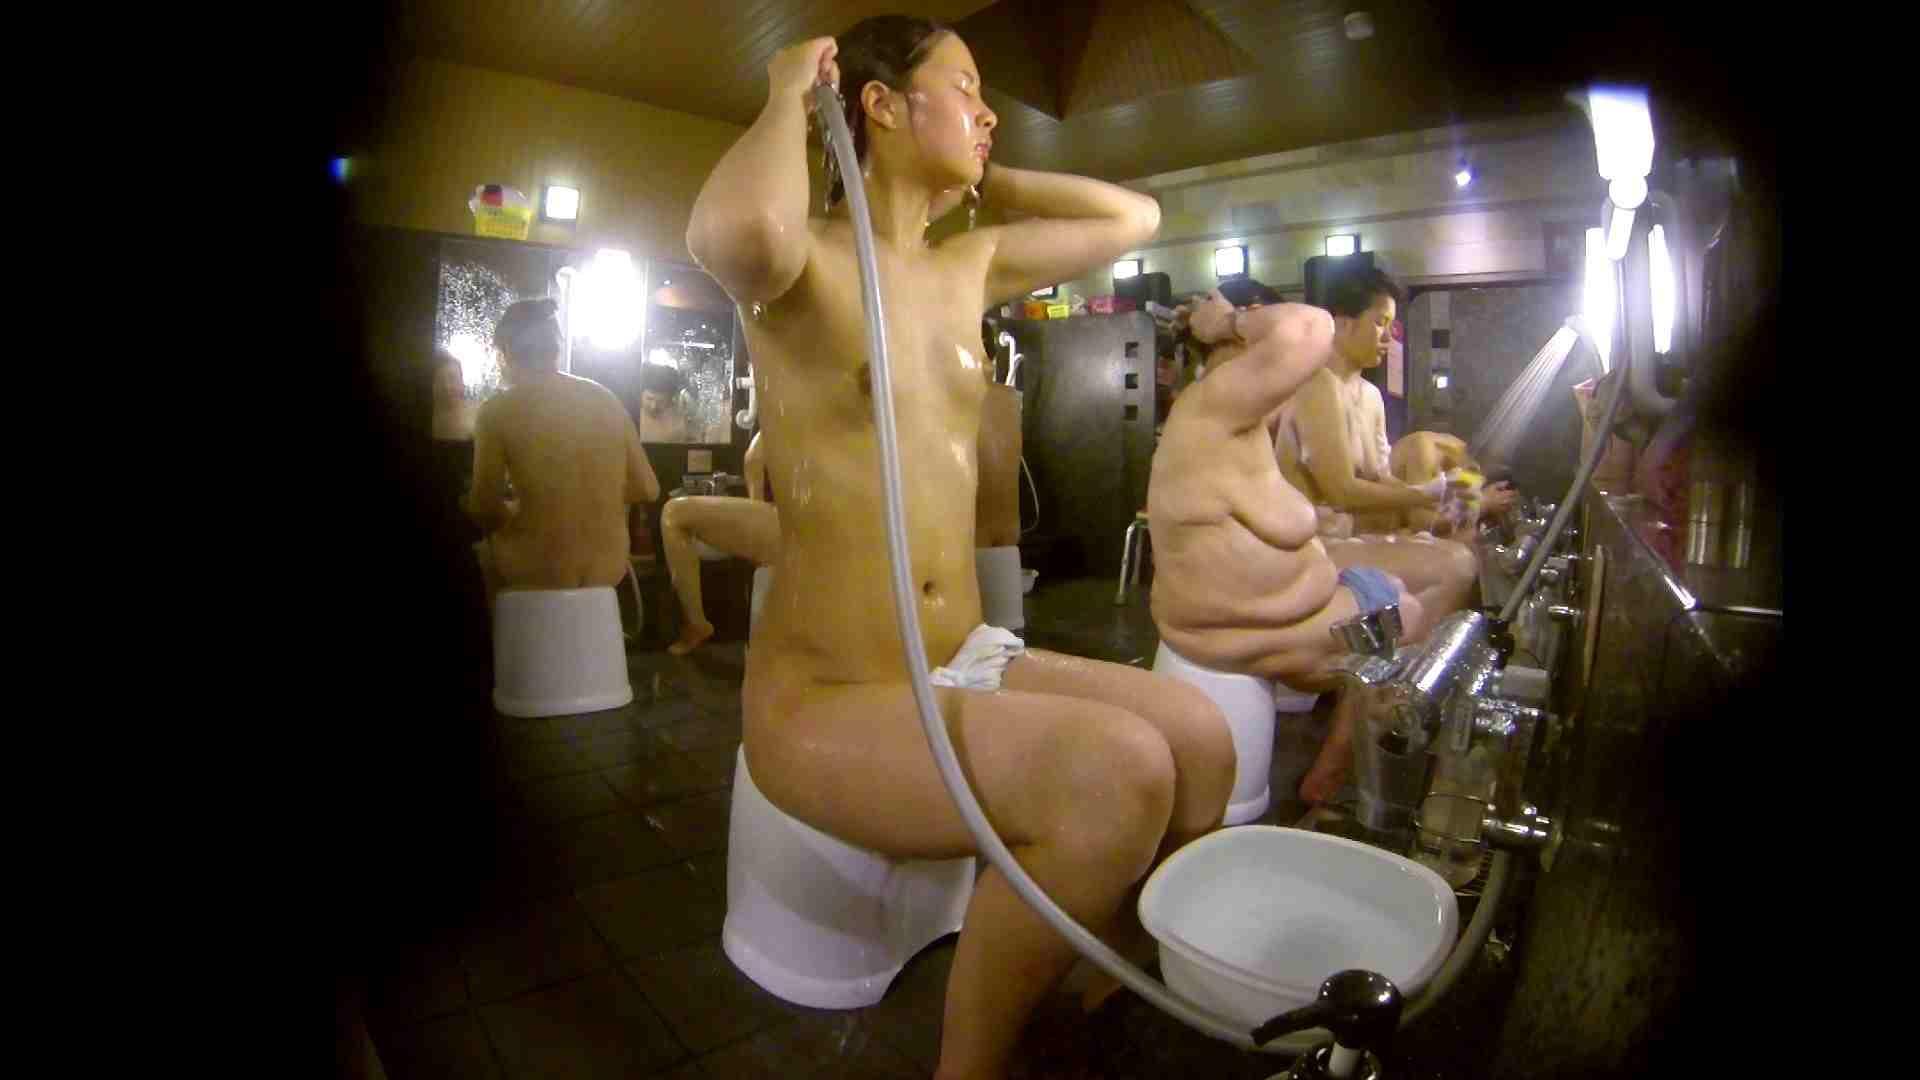 追い撮り!脱衣~洗い場、徹底追跡!撮り師さんに拍手!! 銭湯事情 セックス無修正動画無料 77枚 33